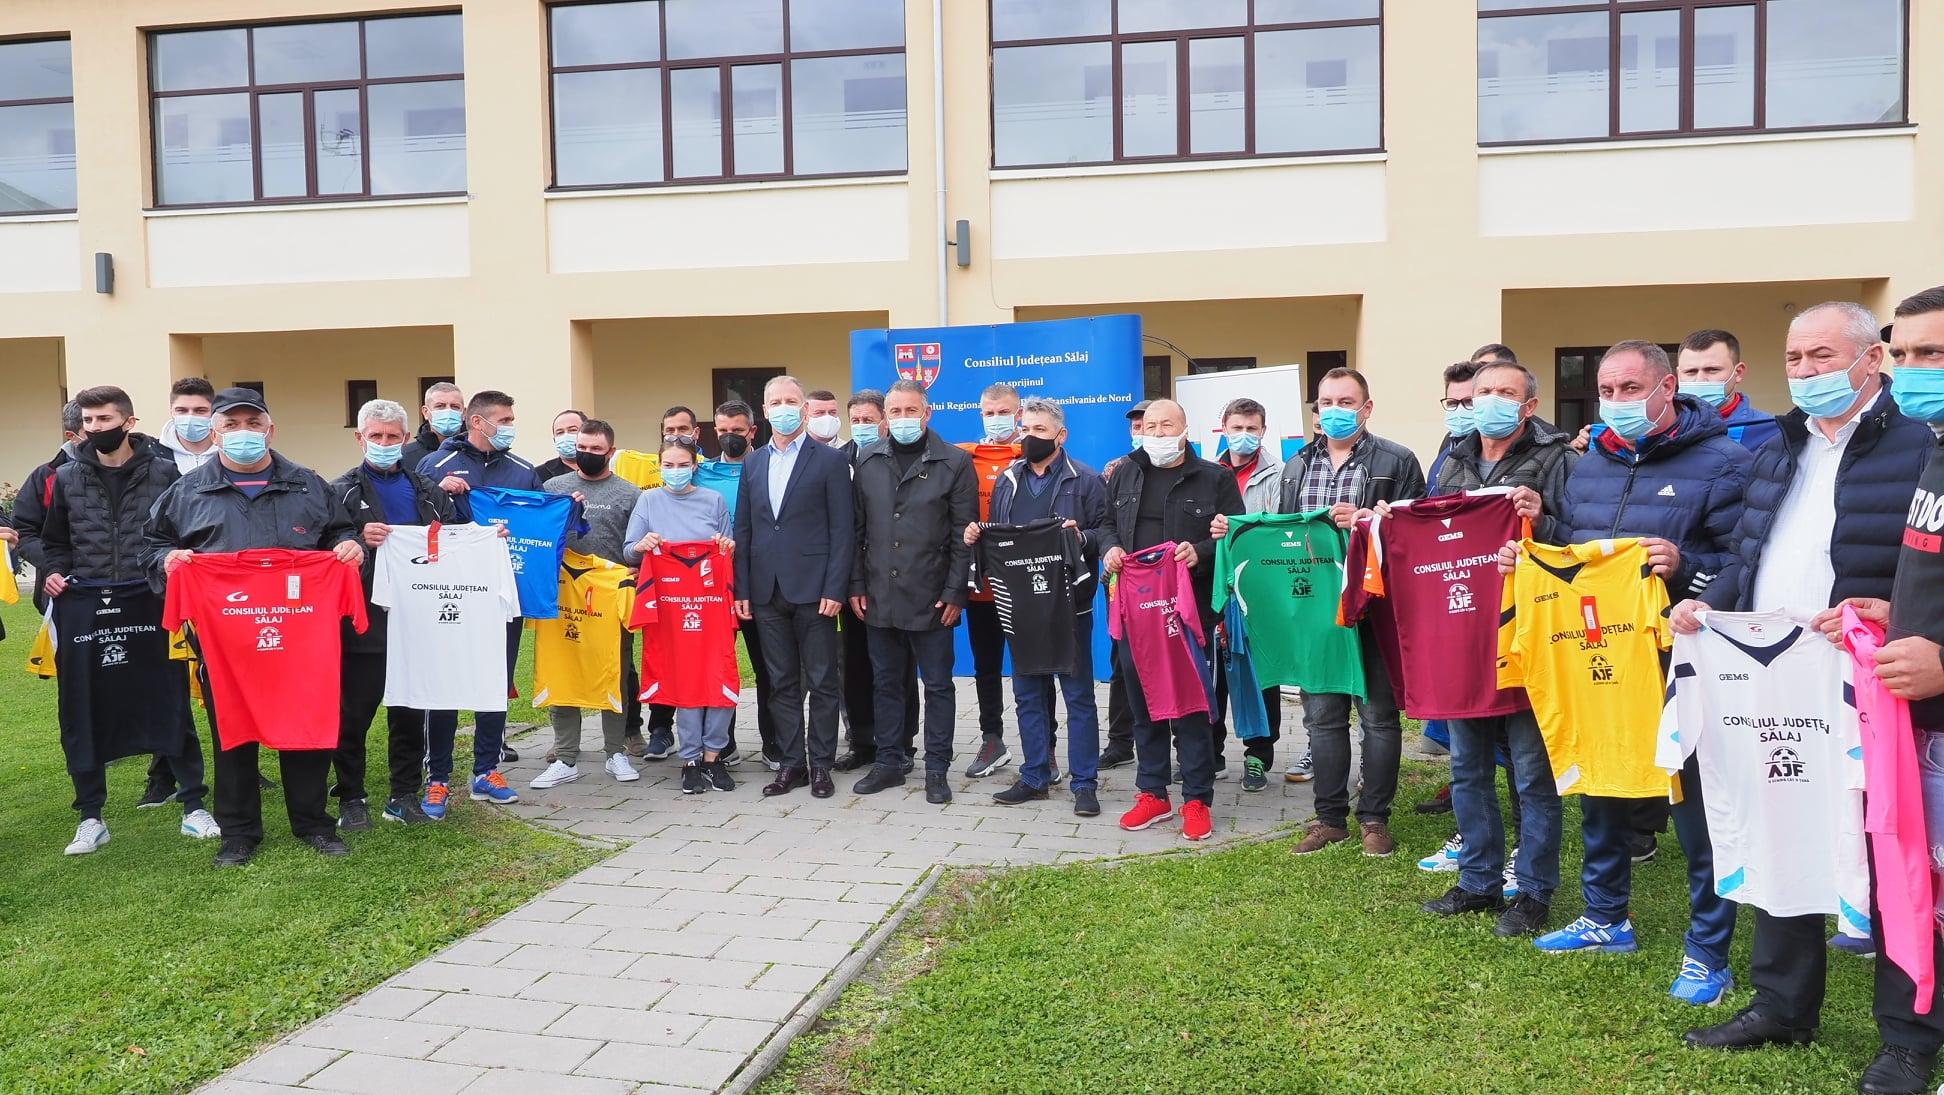 Consiliul Județean Sălaj a oferit echipamente și mingi echipel